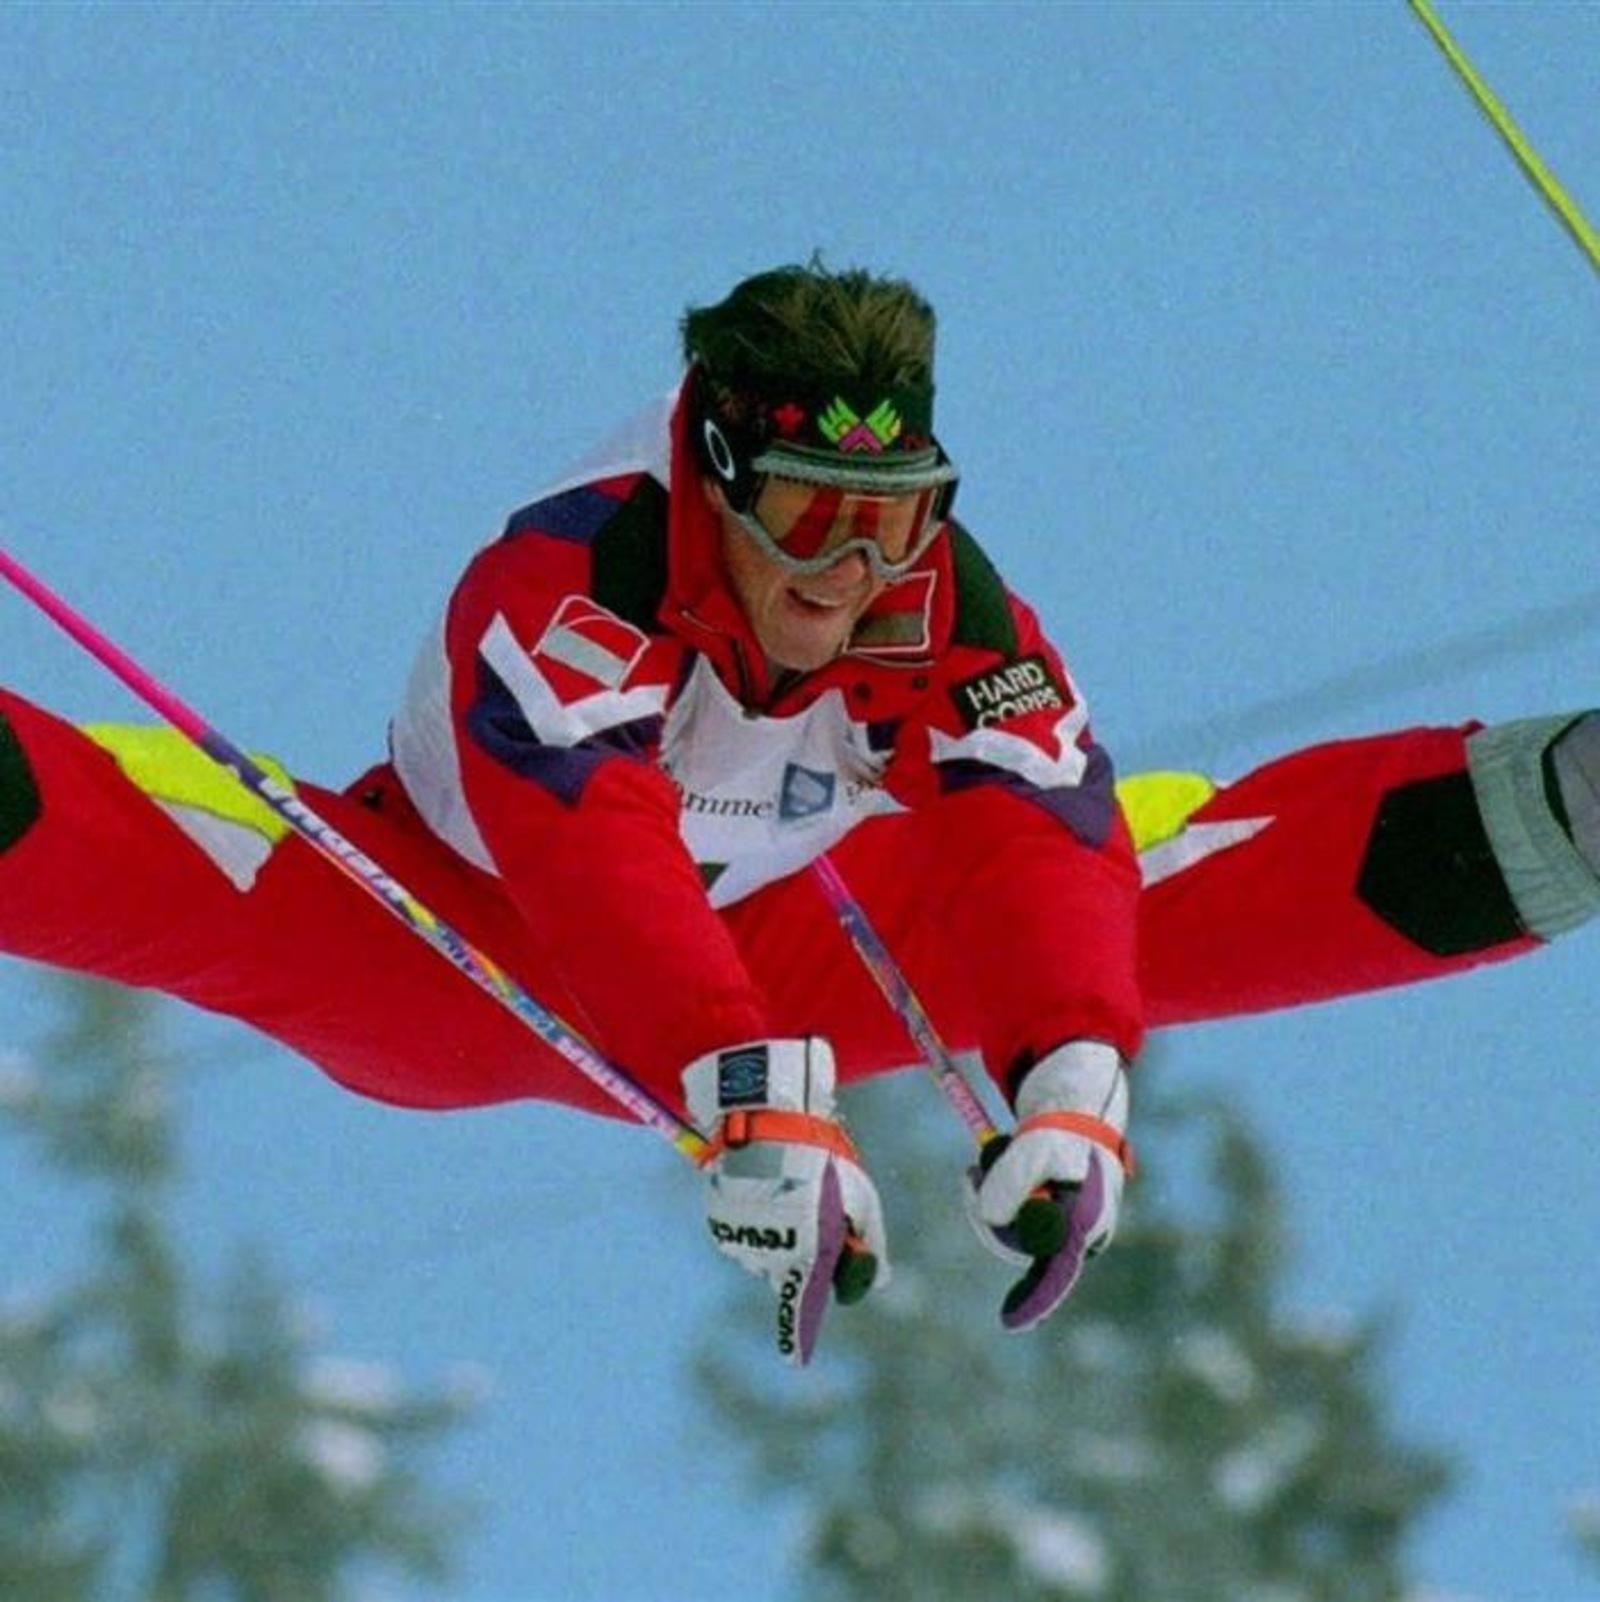 Jean-Luc Brassard aux Jeux olympiques de Lillehammer en 1994